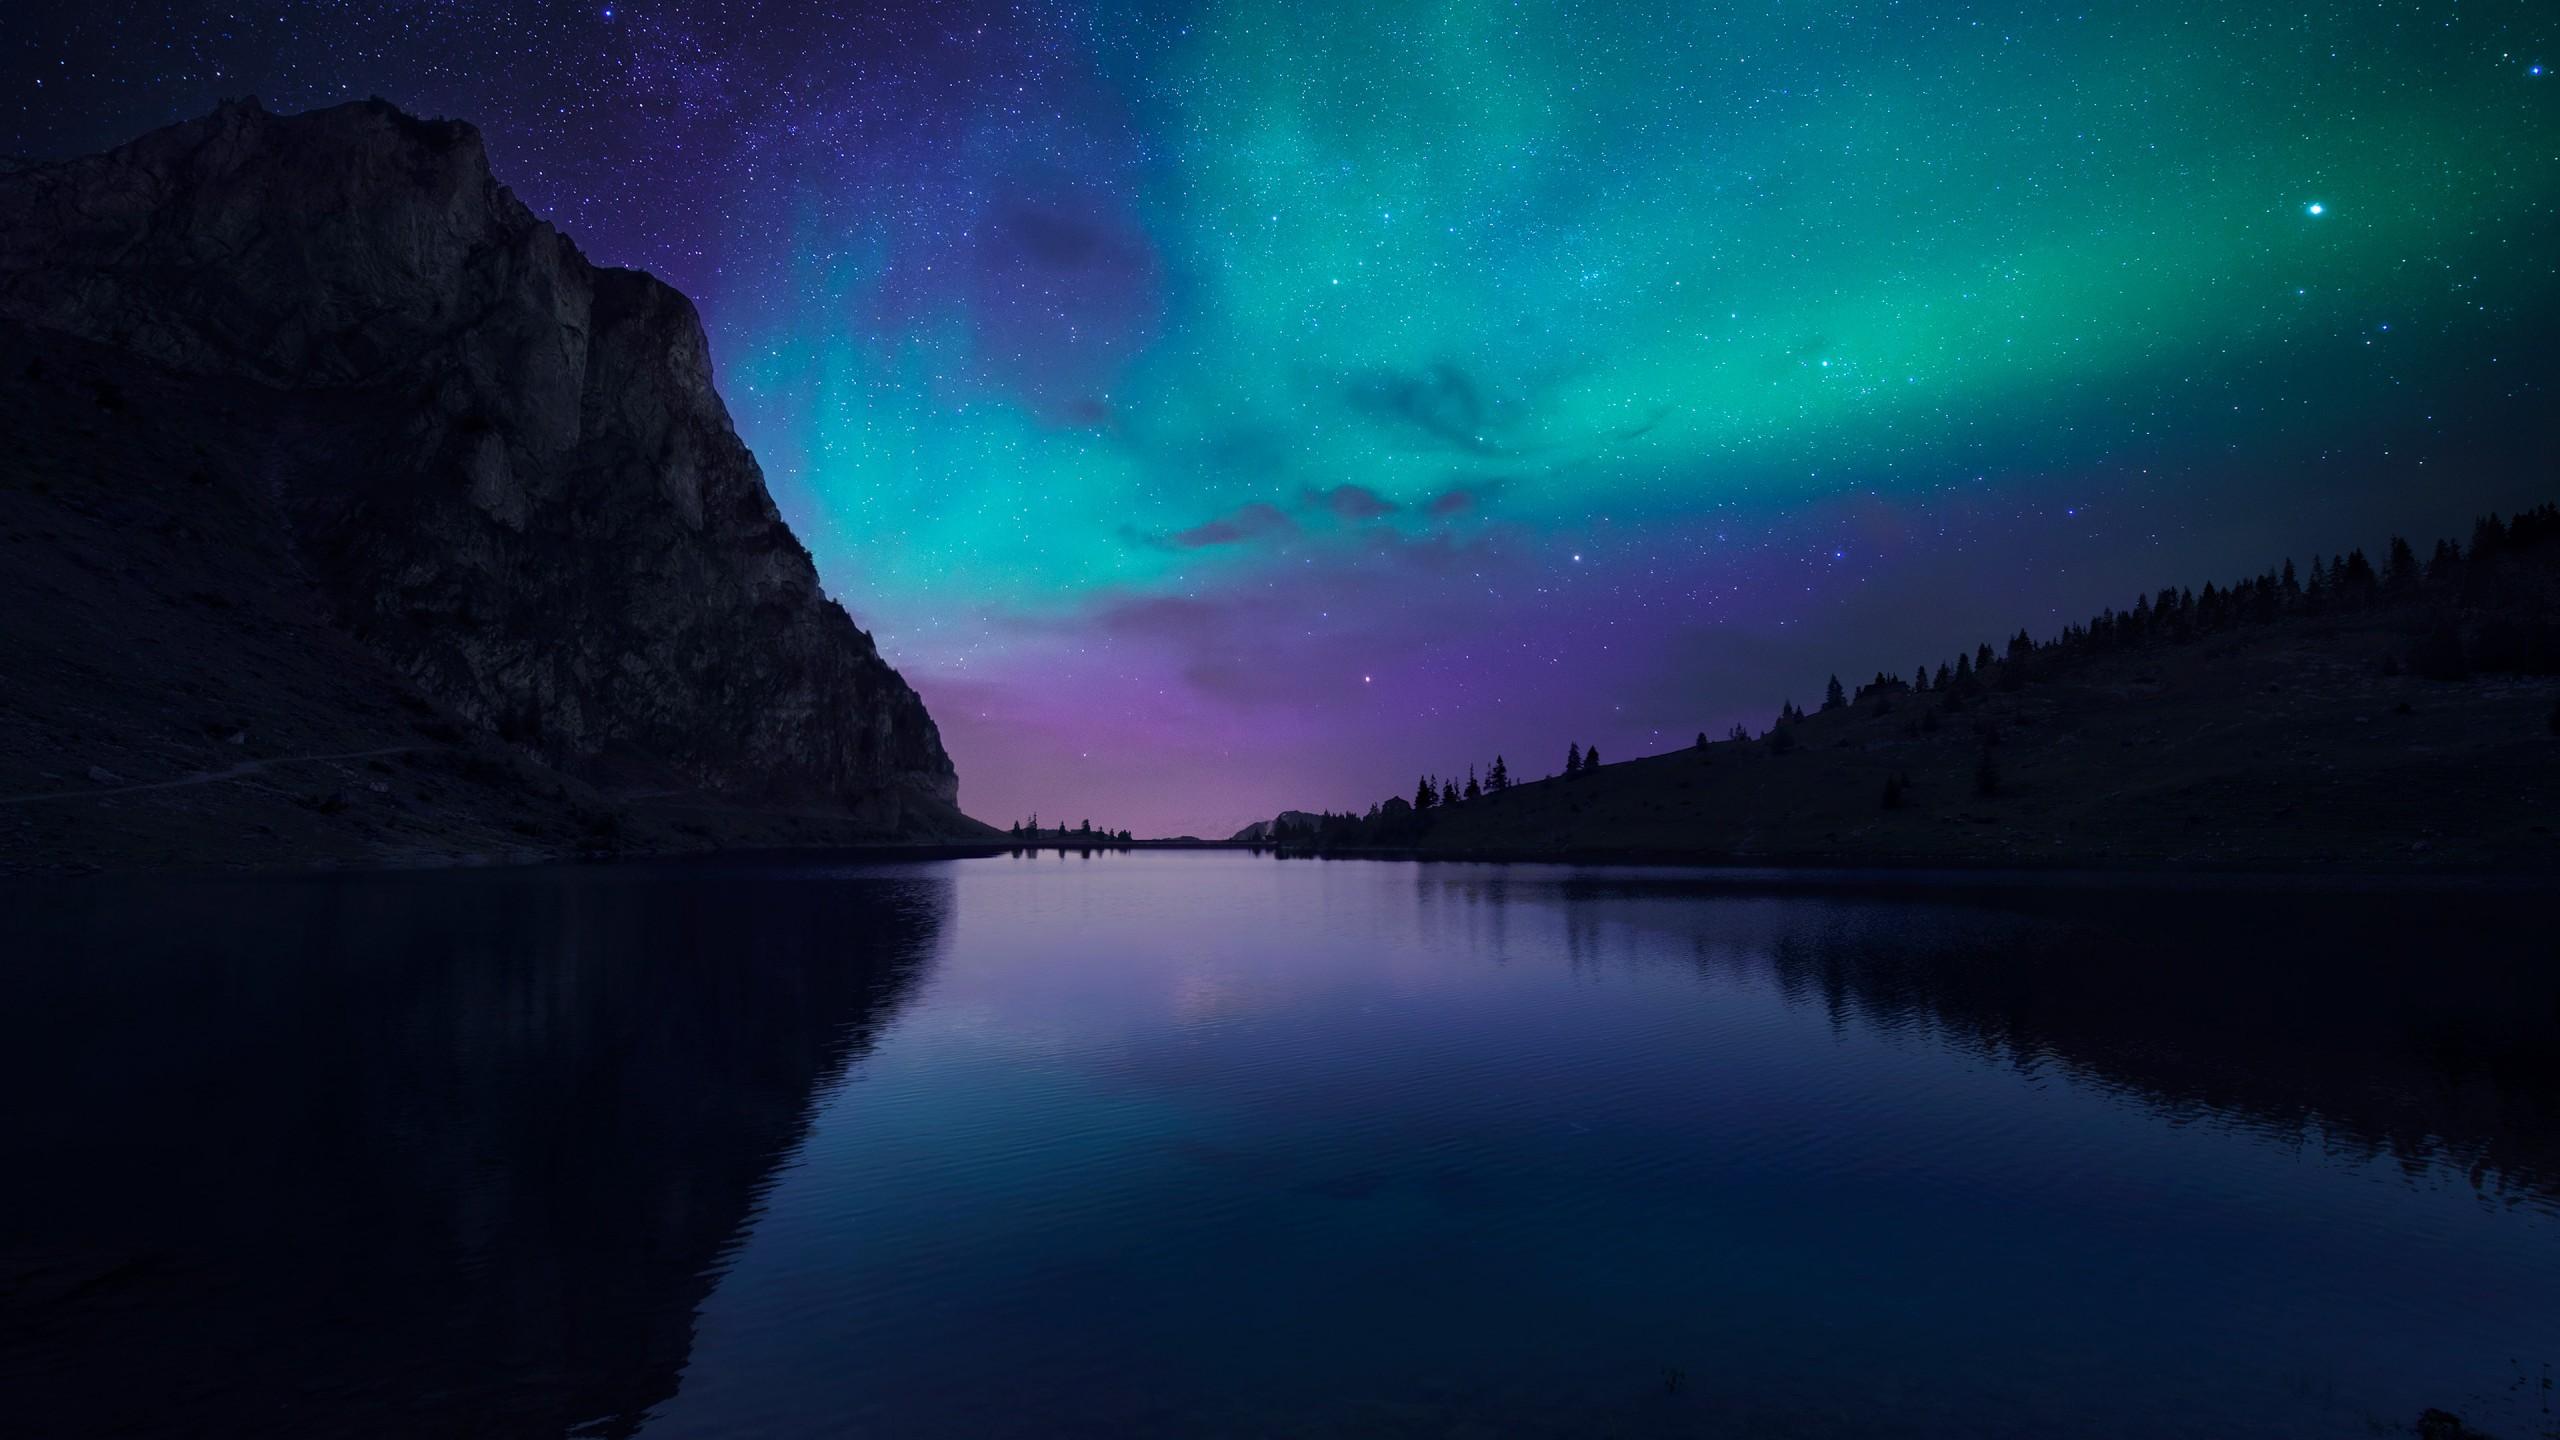 Wallpaper Lake Aurora K Hd Wallpaper Florida Night